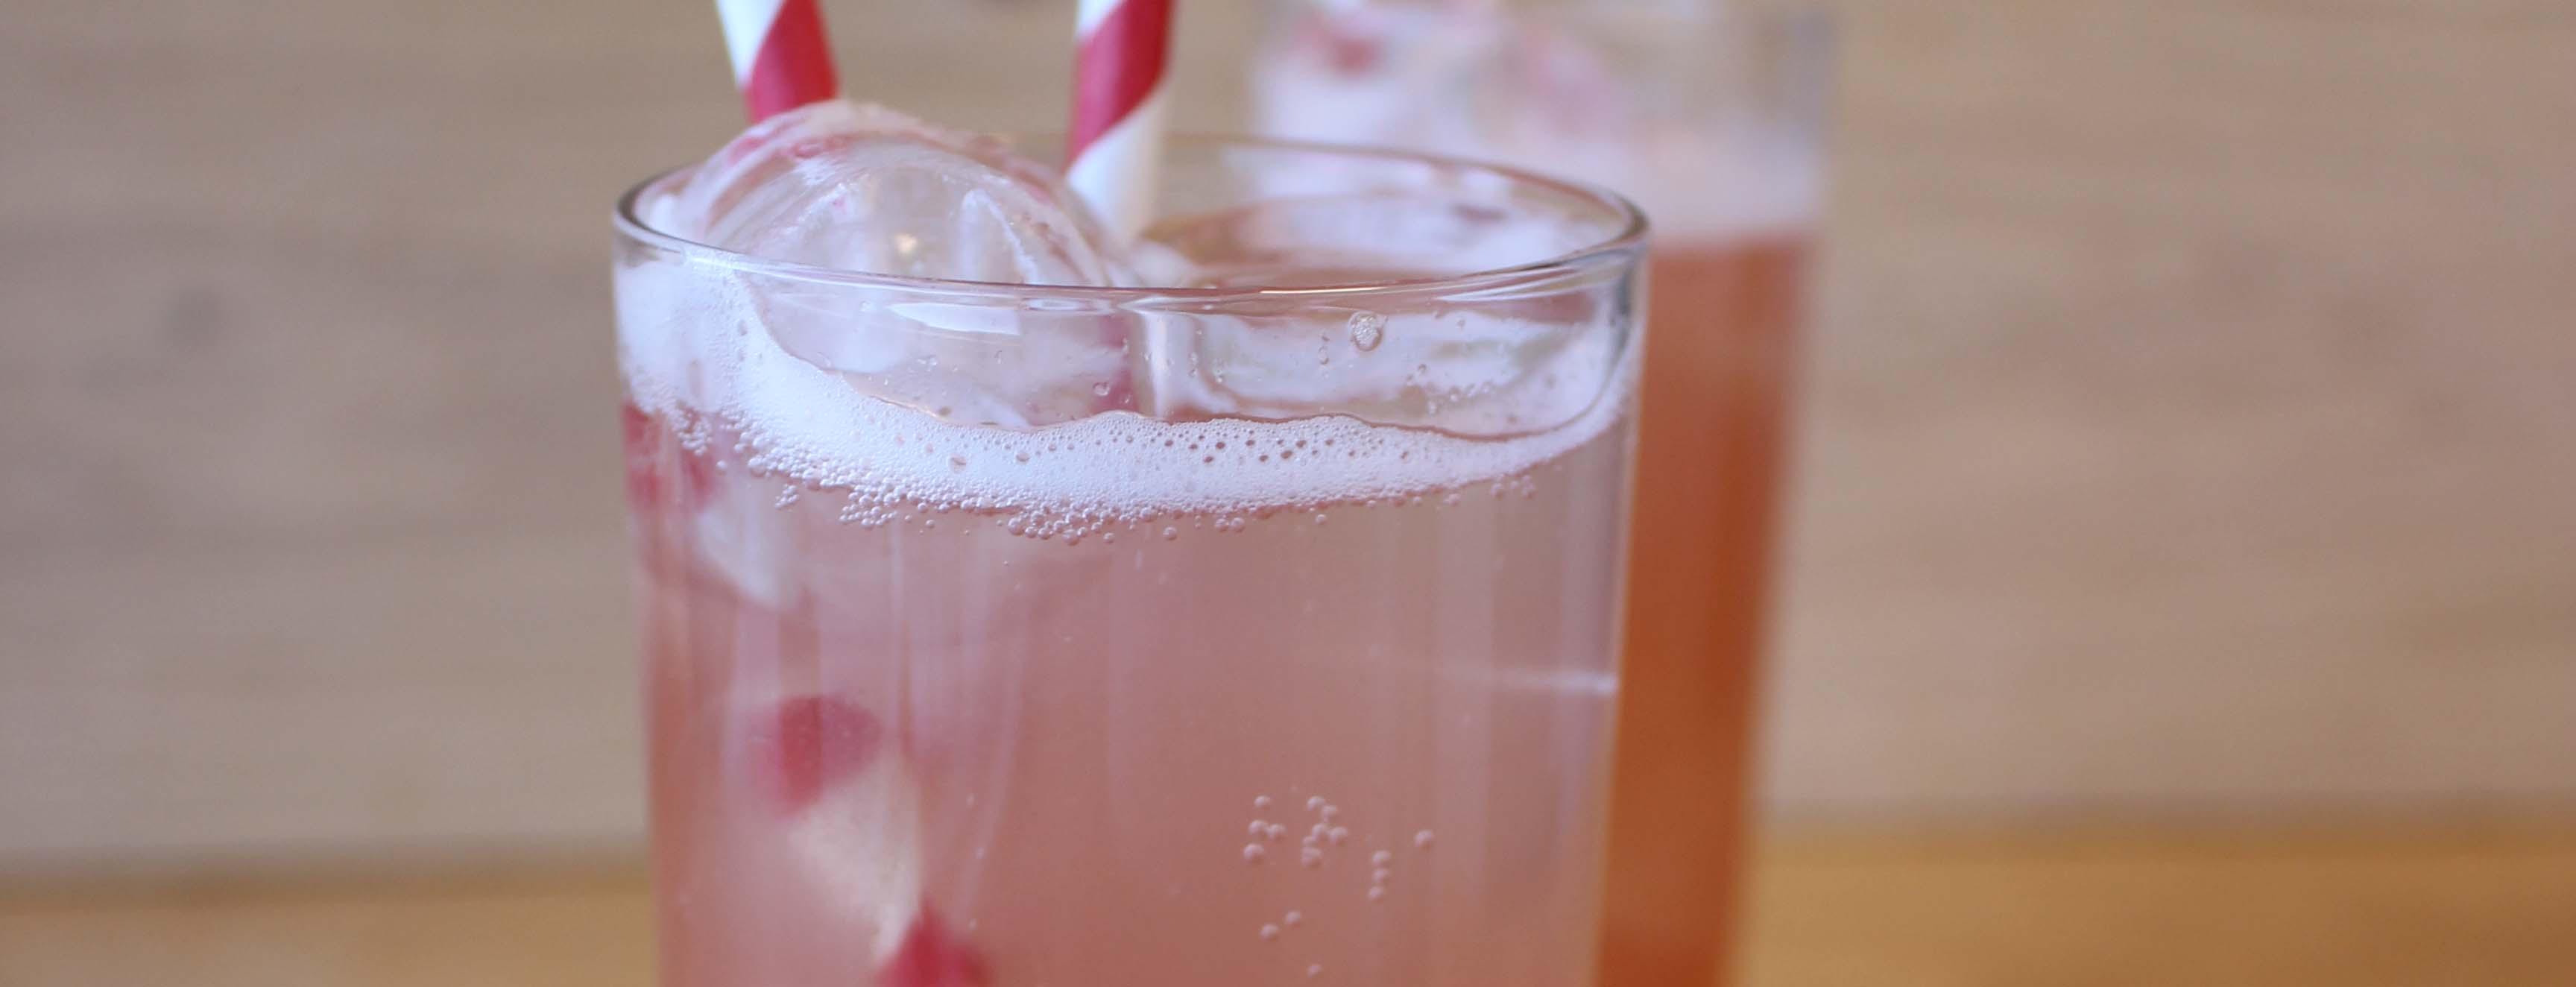 Photo of Strawberry and White Balsamic Shrub